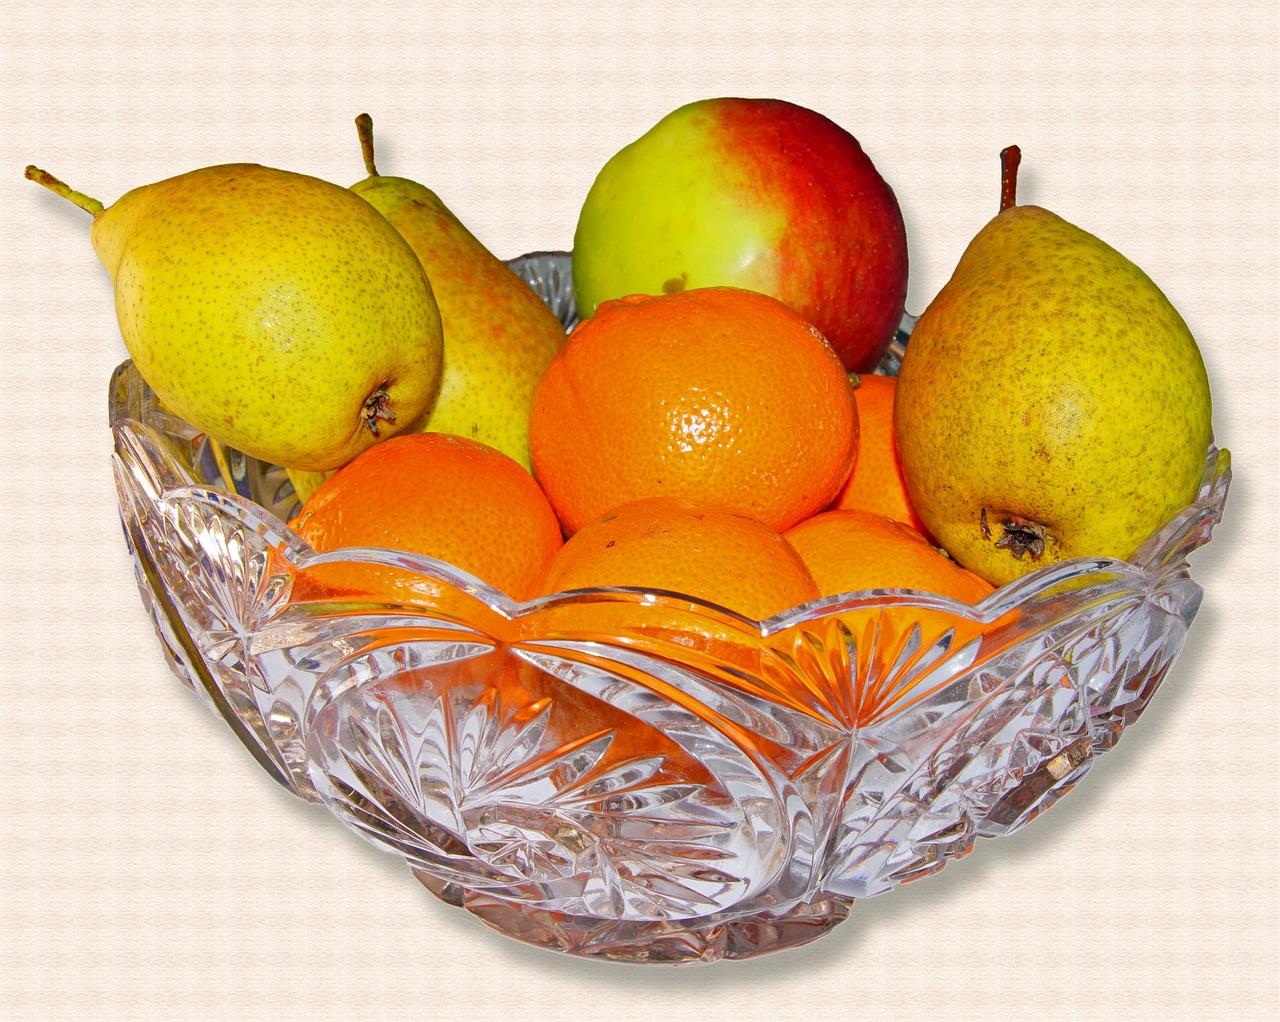 Hogar diez 5 trucos para conservar frutas y verduras - Frutas de cristal ...